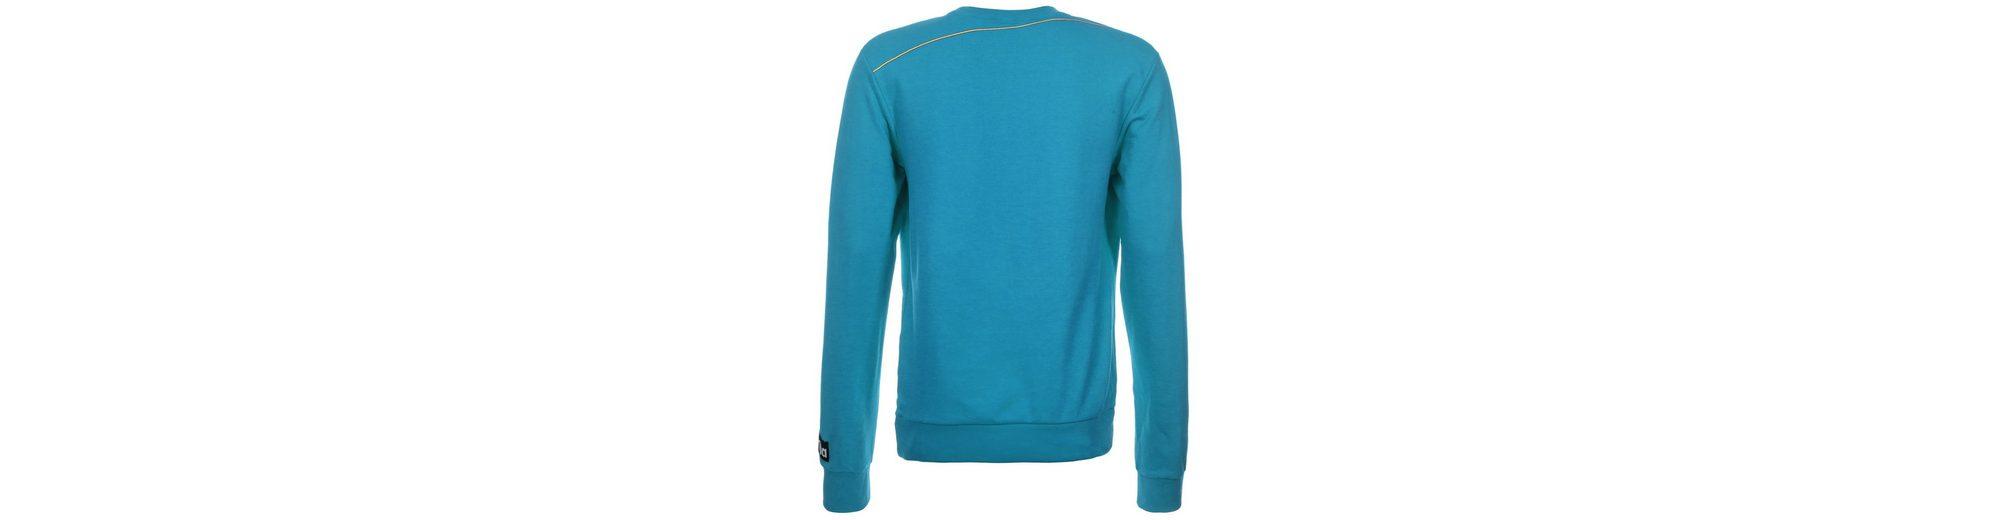 KEMPA Core Sweatshirt Herren Billig Bester Ort Kostenloser Versand Zu Kaufen Mode Online Spielraum Billig fYgeQn0